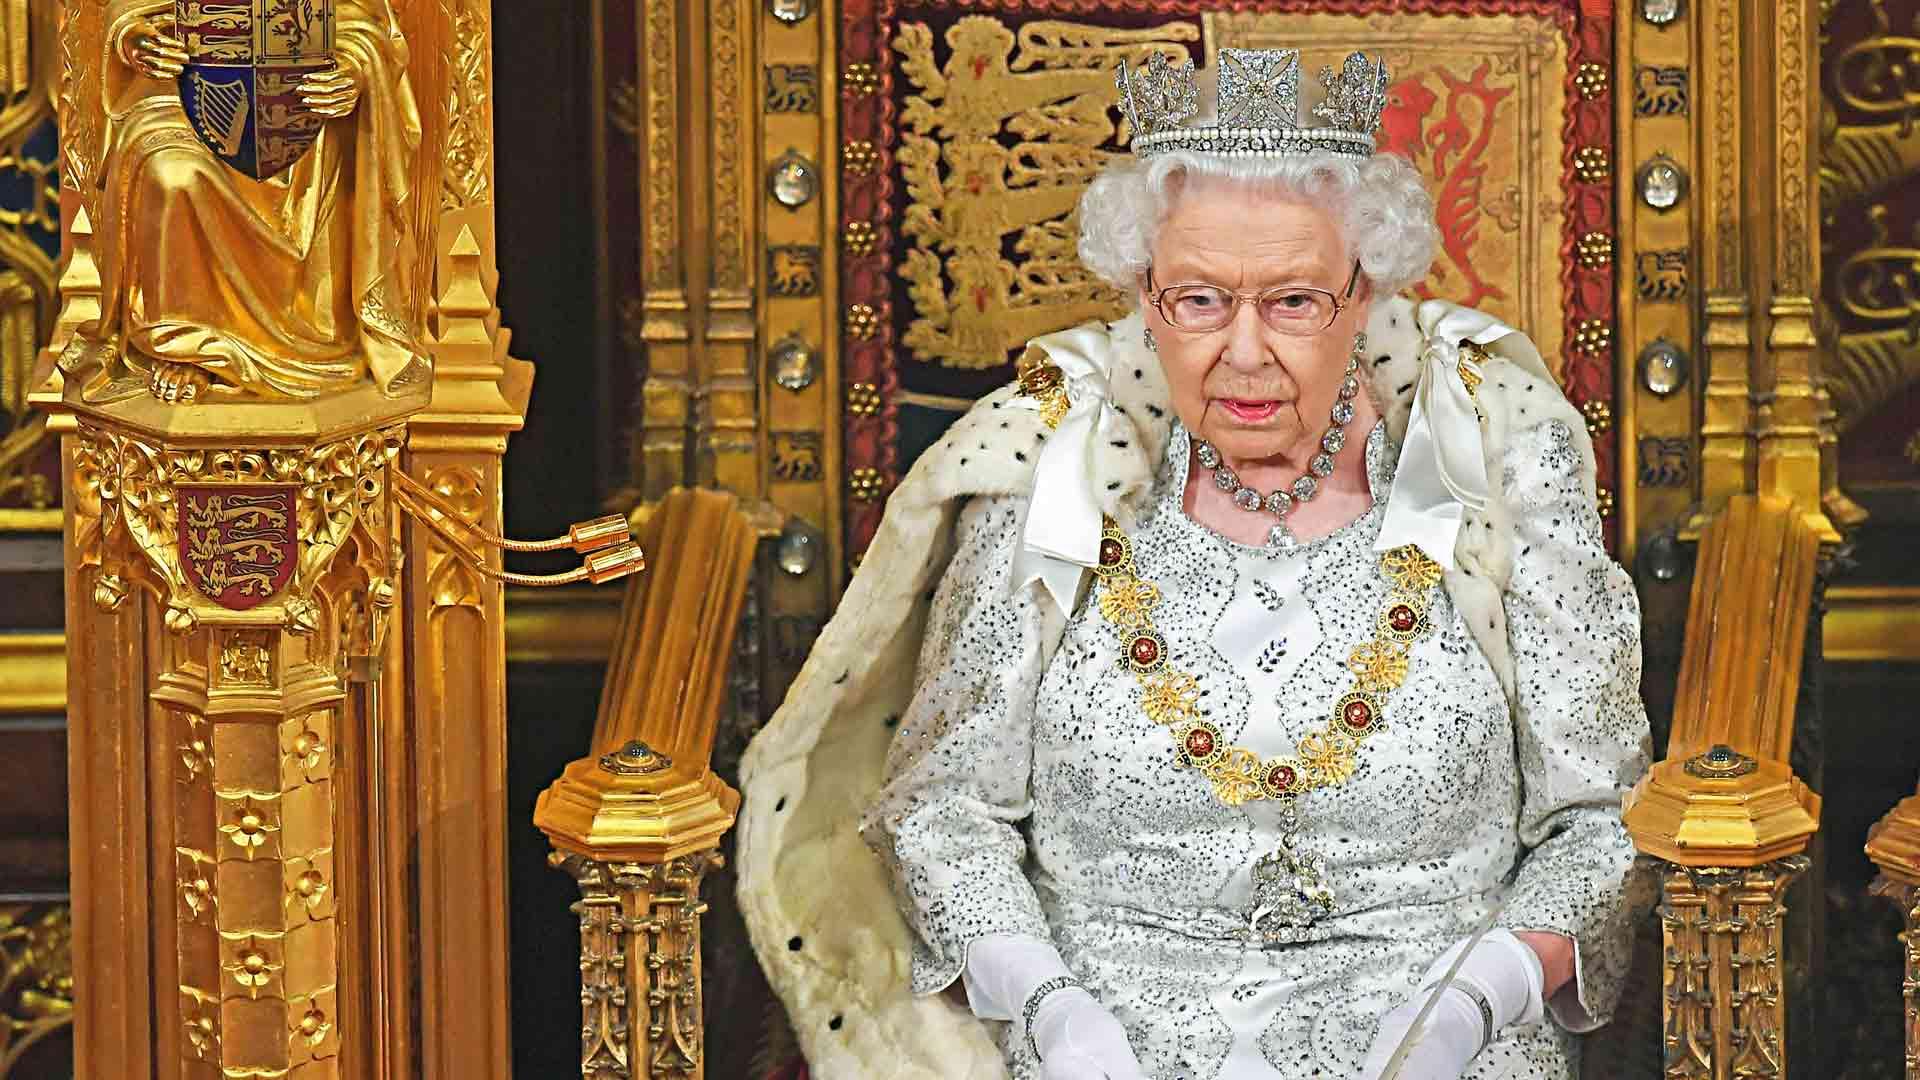 Nyt helmikuun alkupuolella tuli 68 vuotta siitä, kun Elisabetin isä Yrjö VI yllättäen kuoli ja tyttärestä tuli kuningatar 25-vuotiaana.